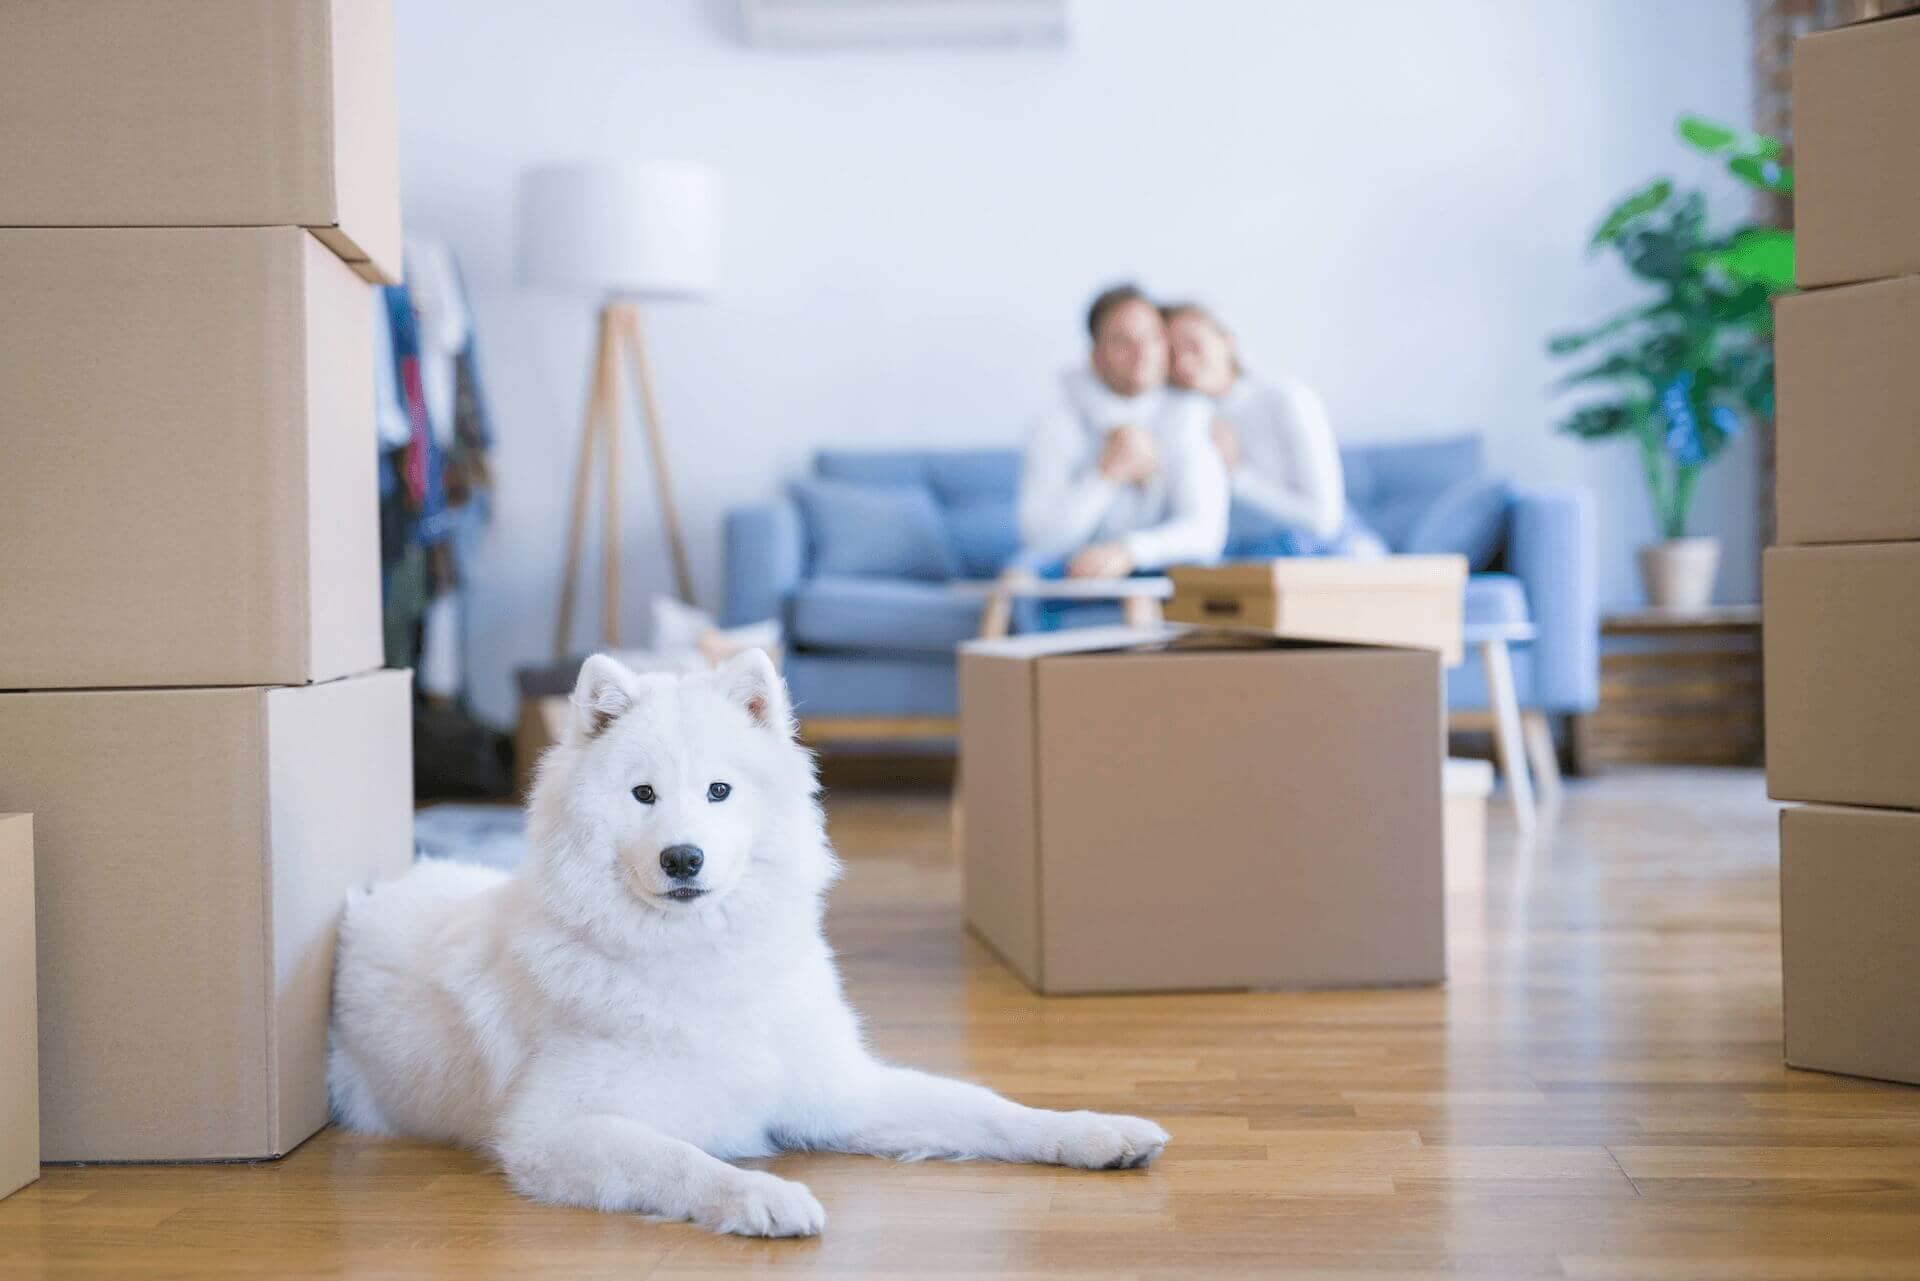 Trasloco di animali domestici- 5 cose da sapere 2